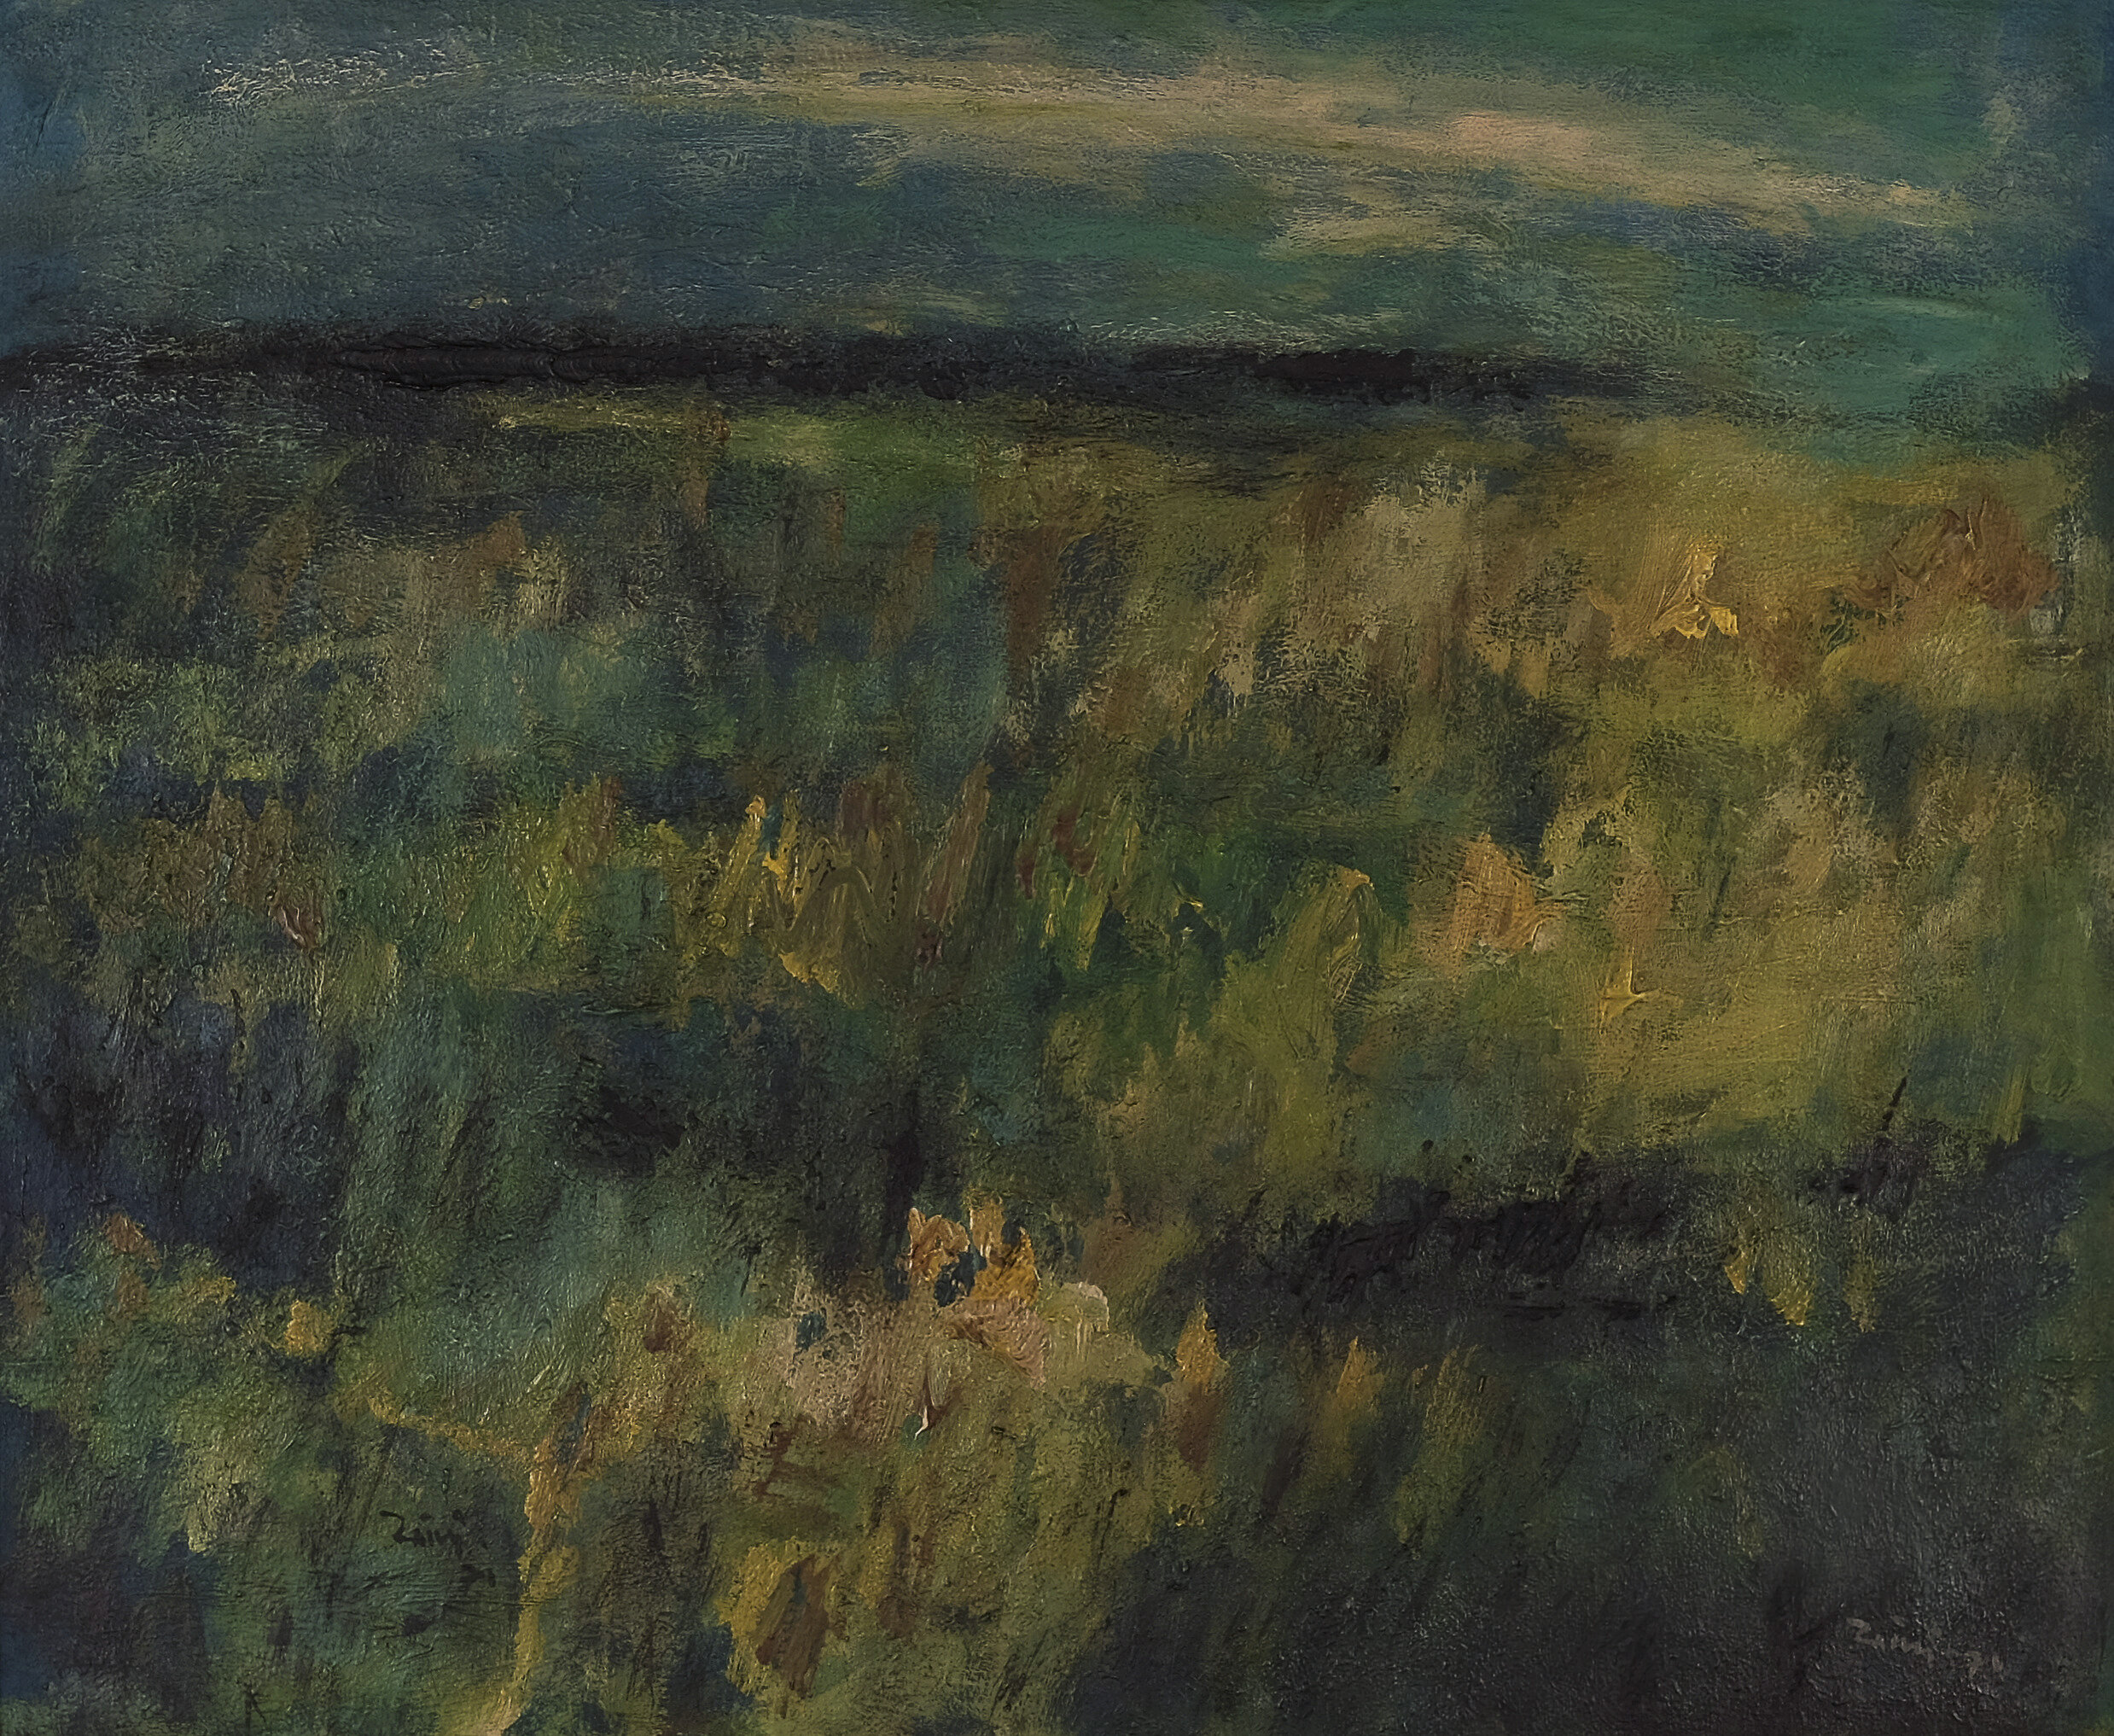 Zaini, Padang Rumput (Open Field), 1971, 50.5 x 60 cm